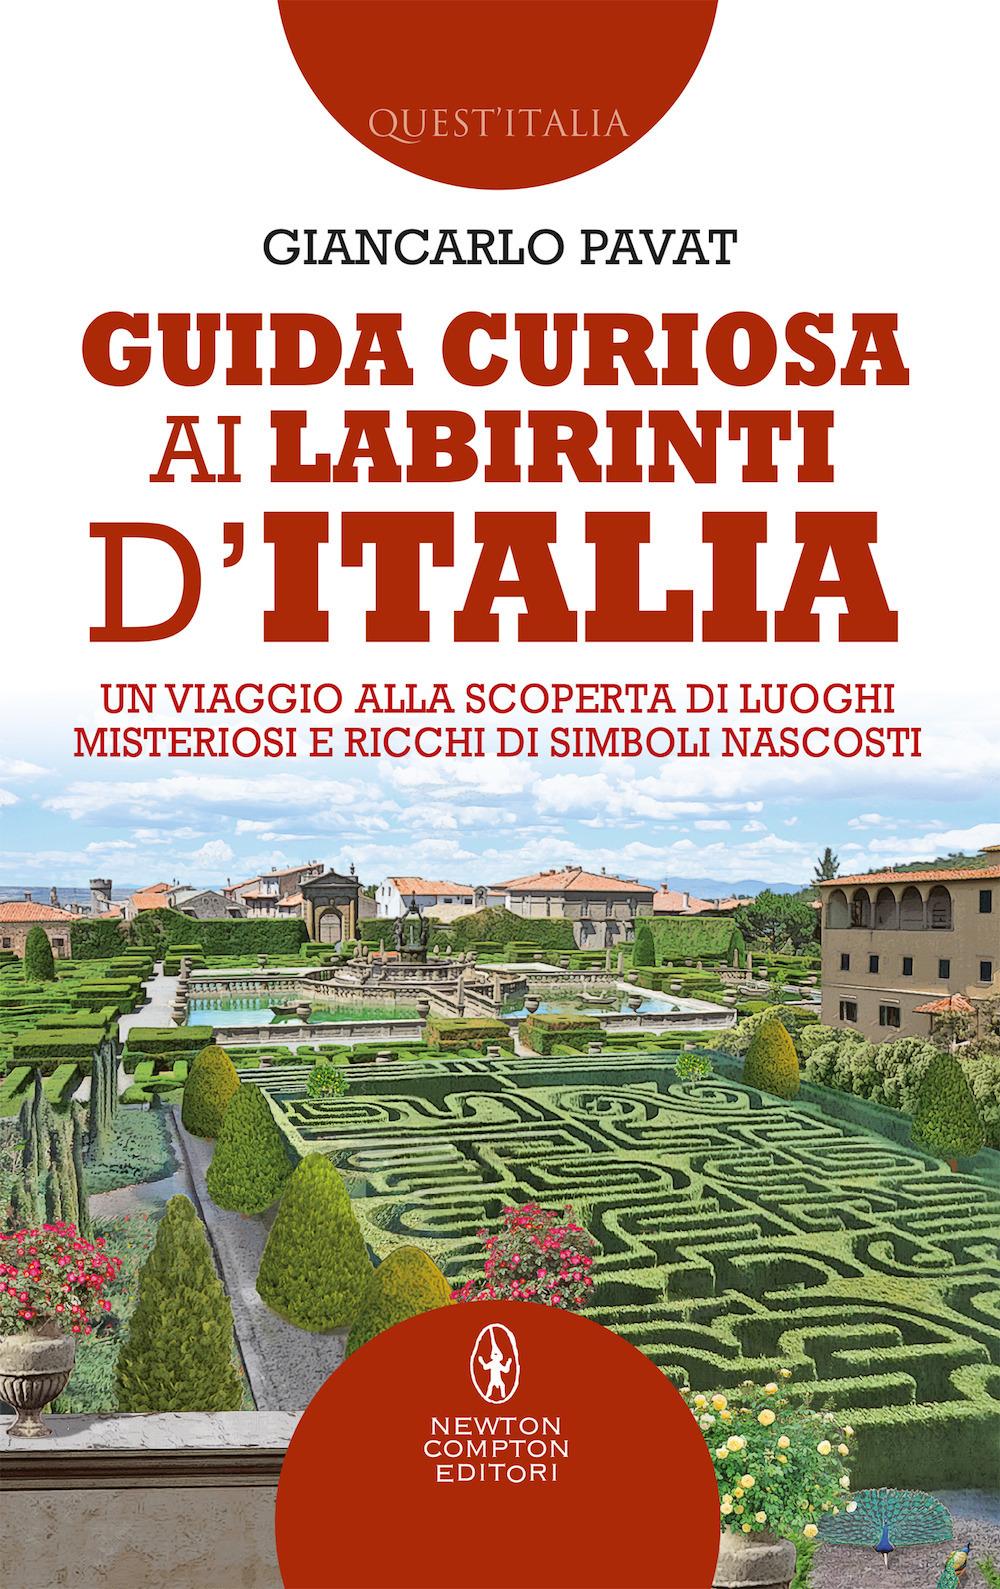 Guida curiosa ai labirinti d'Italia. Un viaggio alla scoperta di luoghi misteriosi e ricchi di simboli nascosti